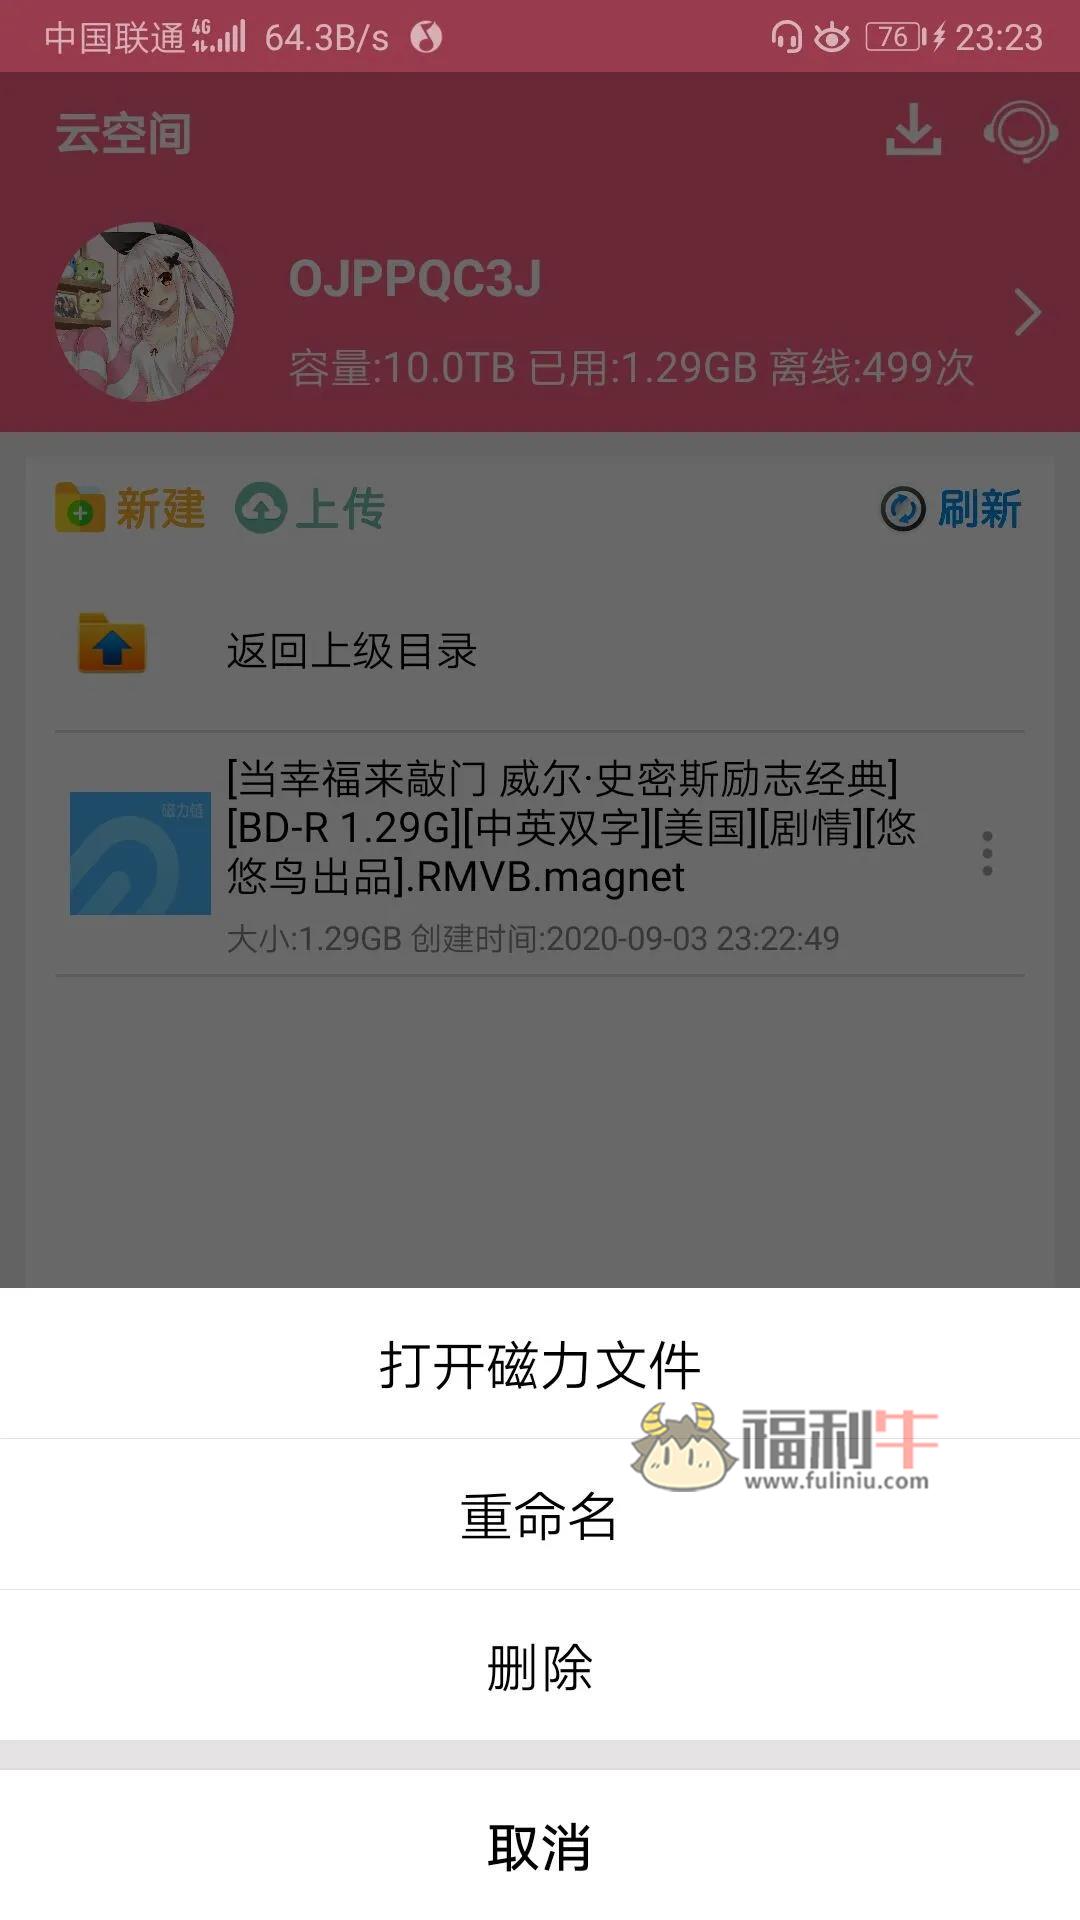 磁力云:最新安卓磁力链接下载软件,支持在线预览!